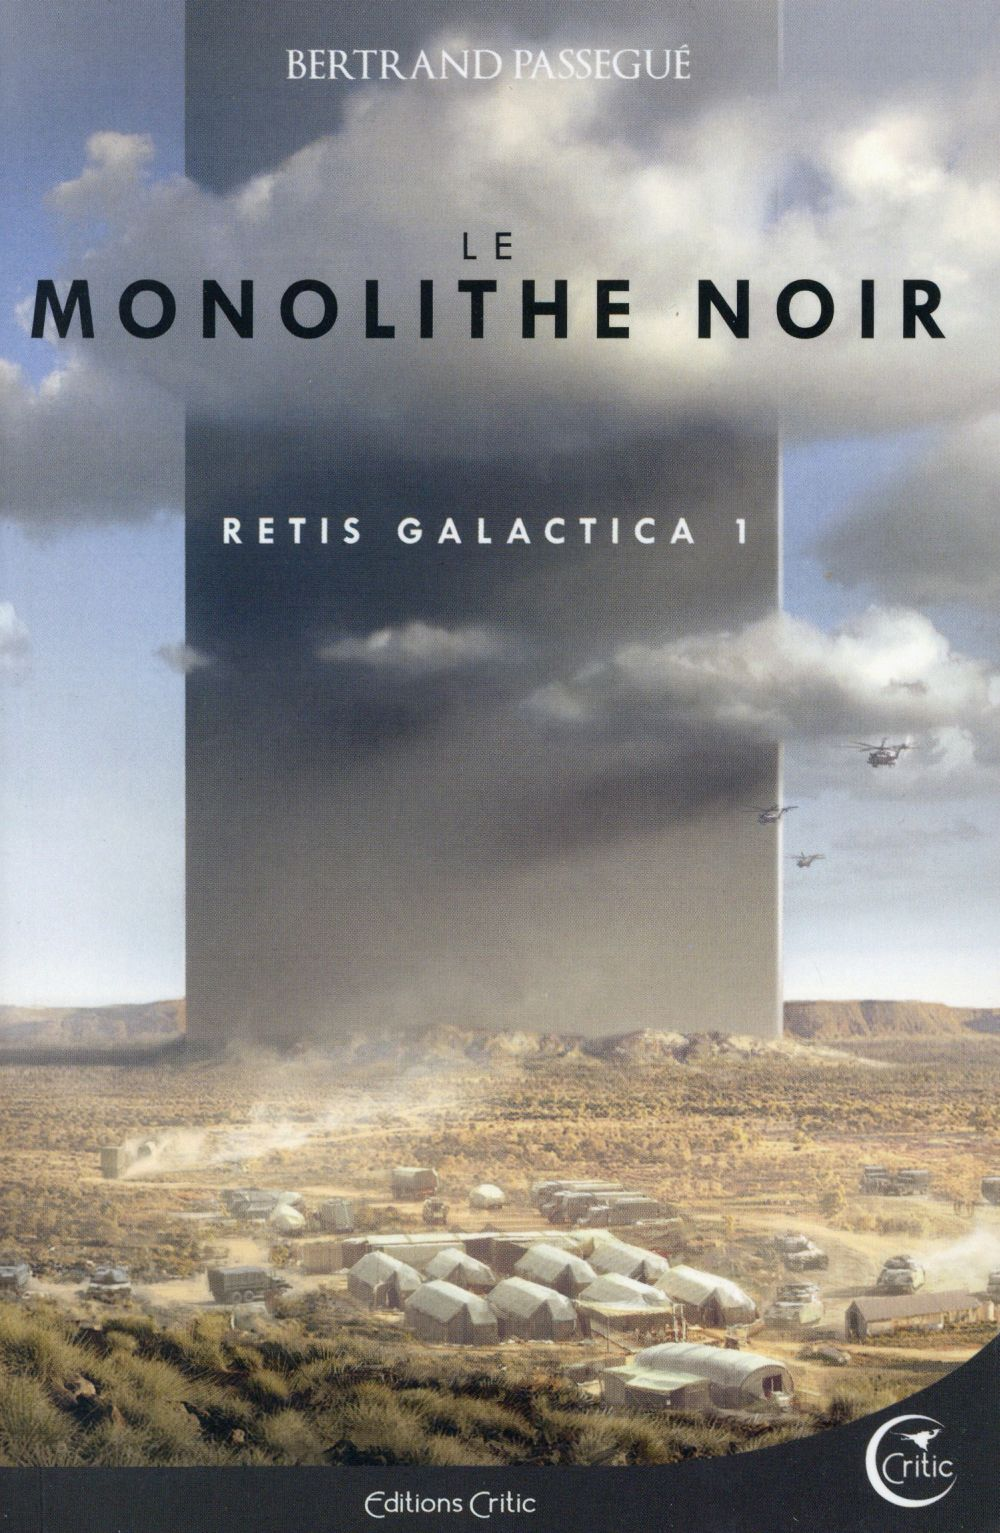 RETIS GALACTICA 1 - LE MONOLITHE NOIR